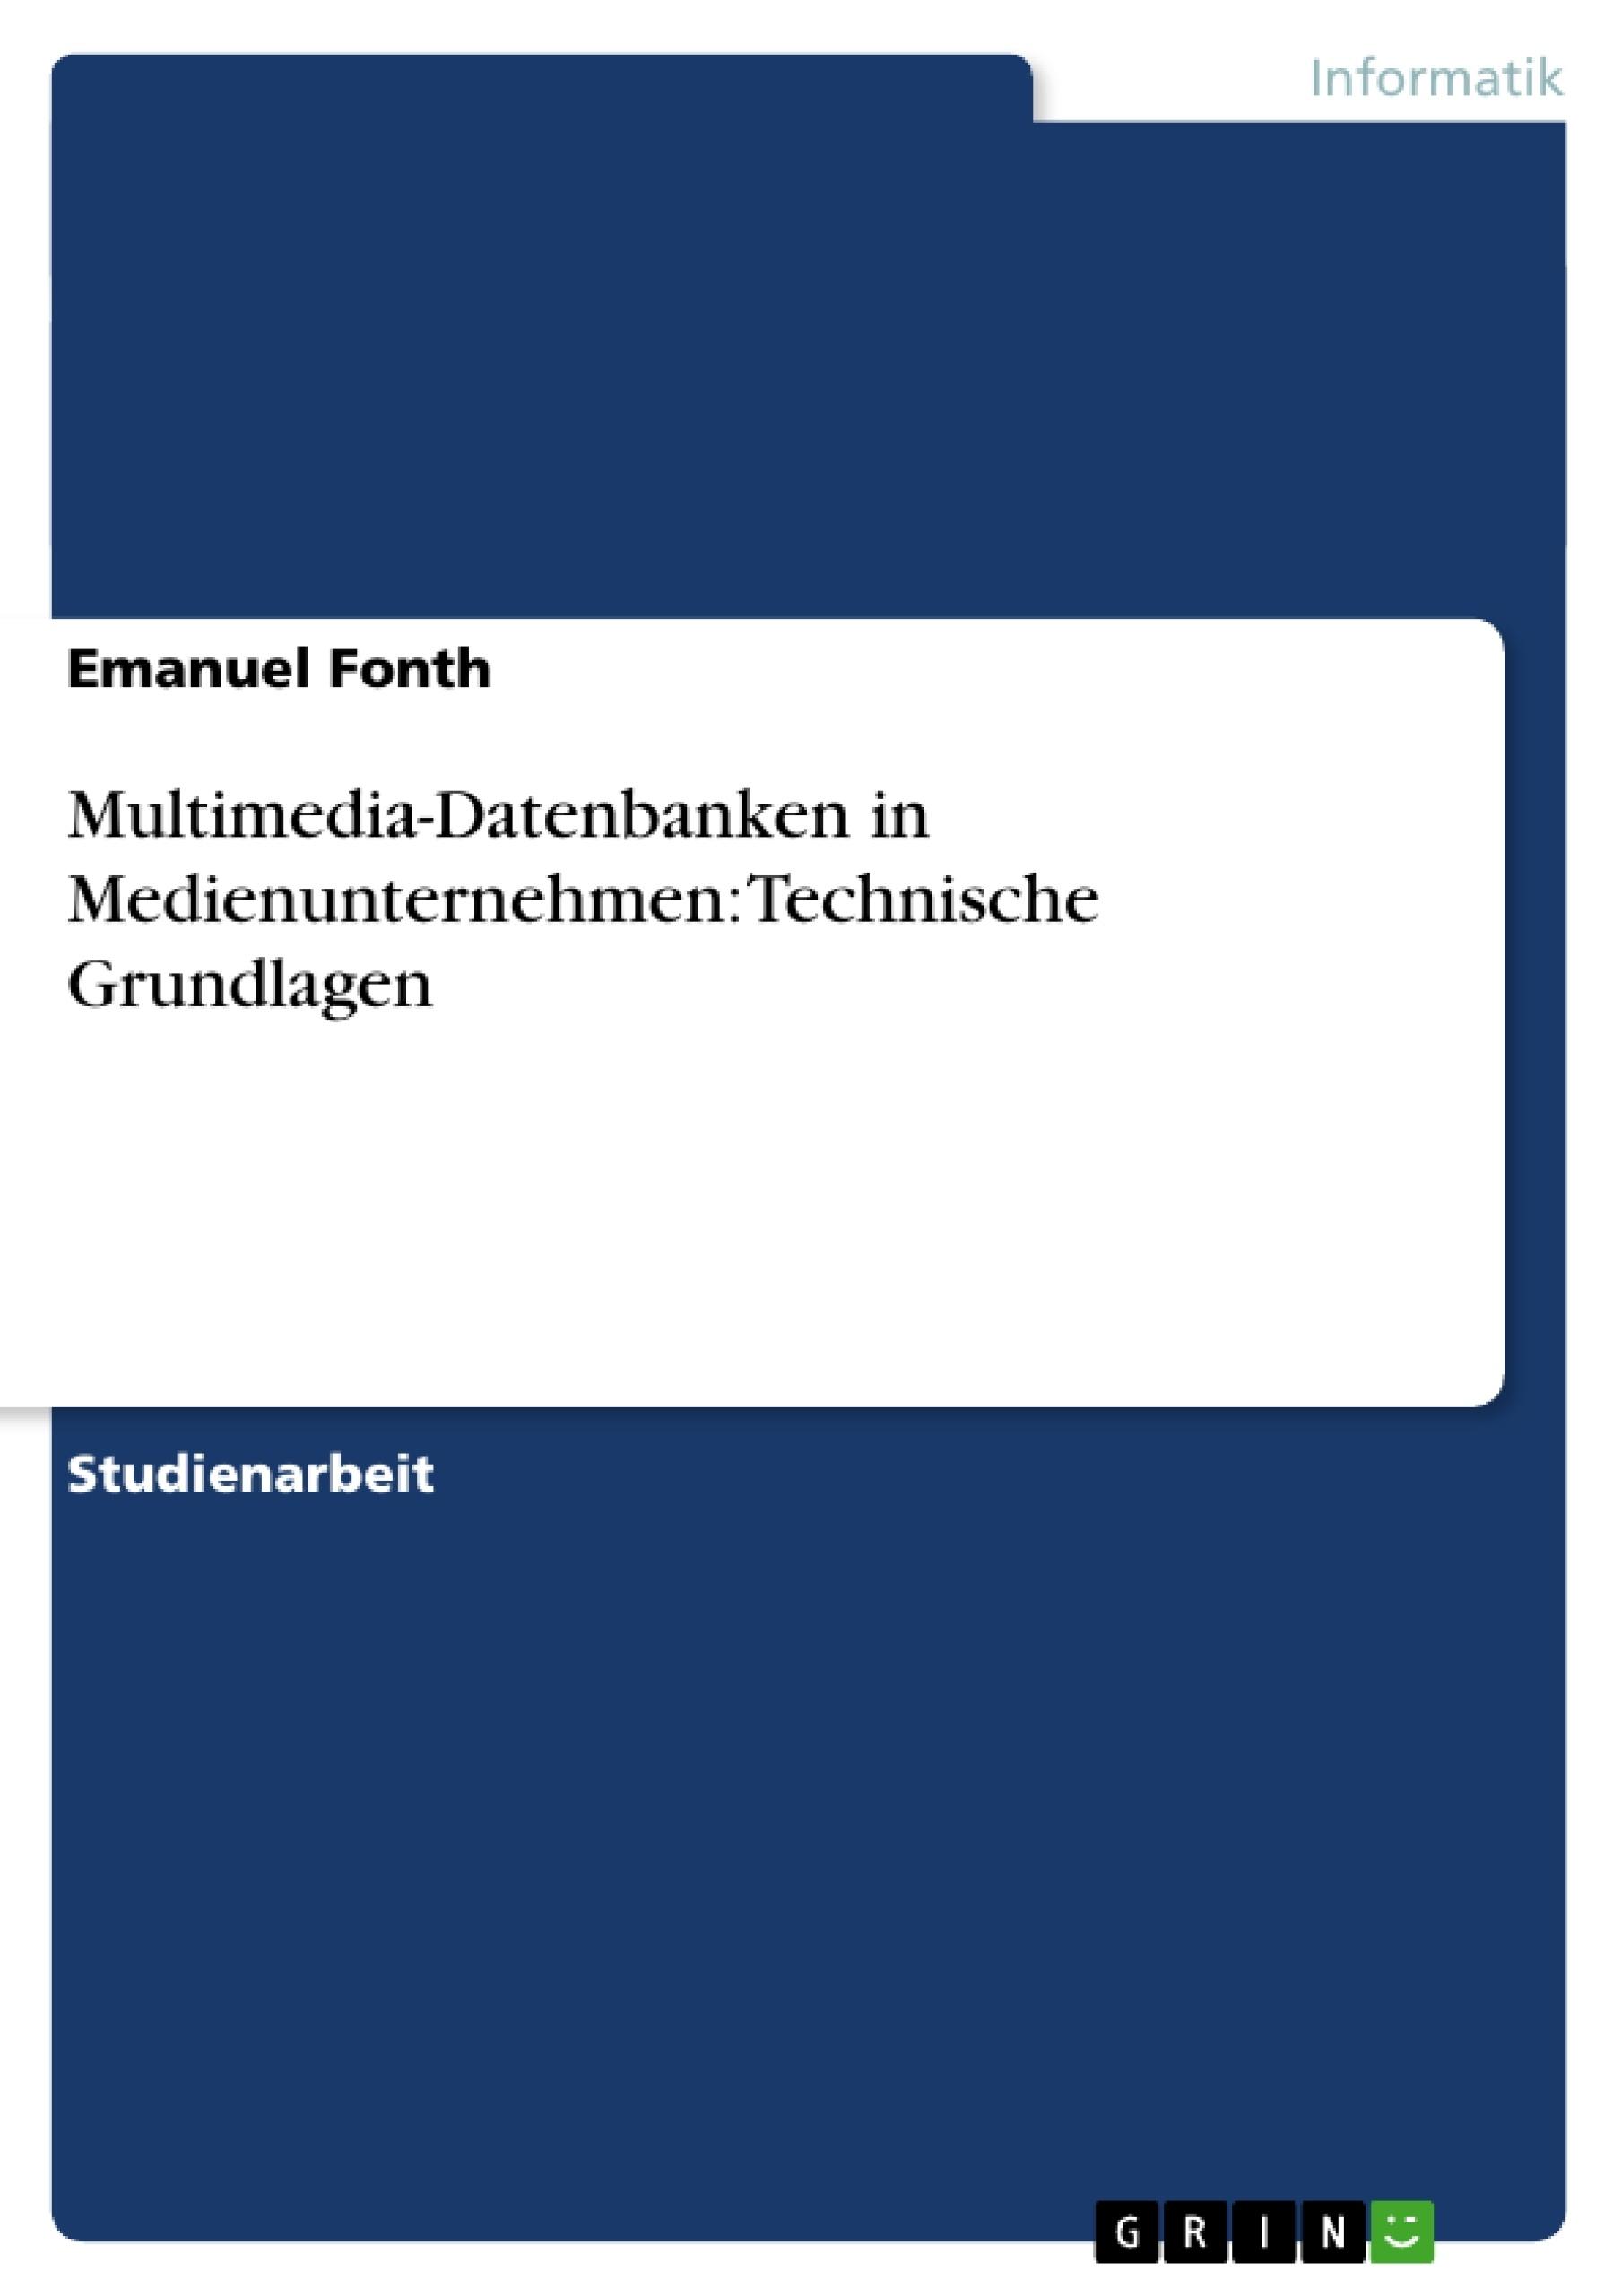 Titel: Multimedia-Datenbanken in Medienunternehmen: Technische Grundlagen